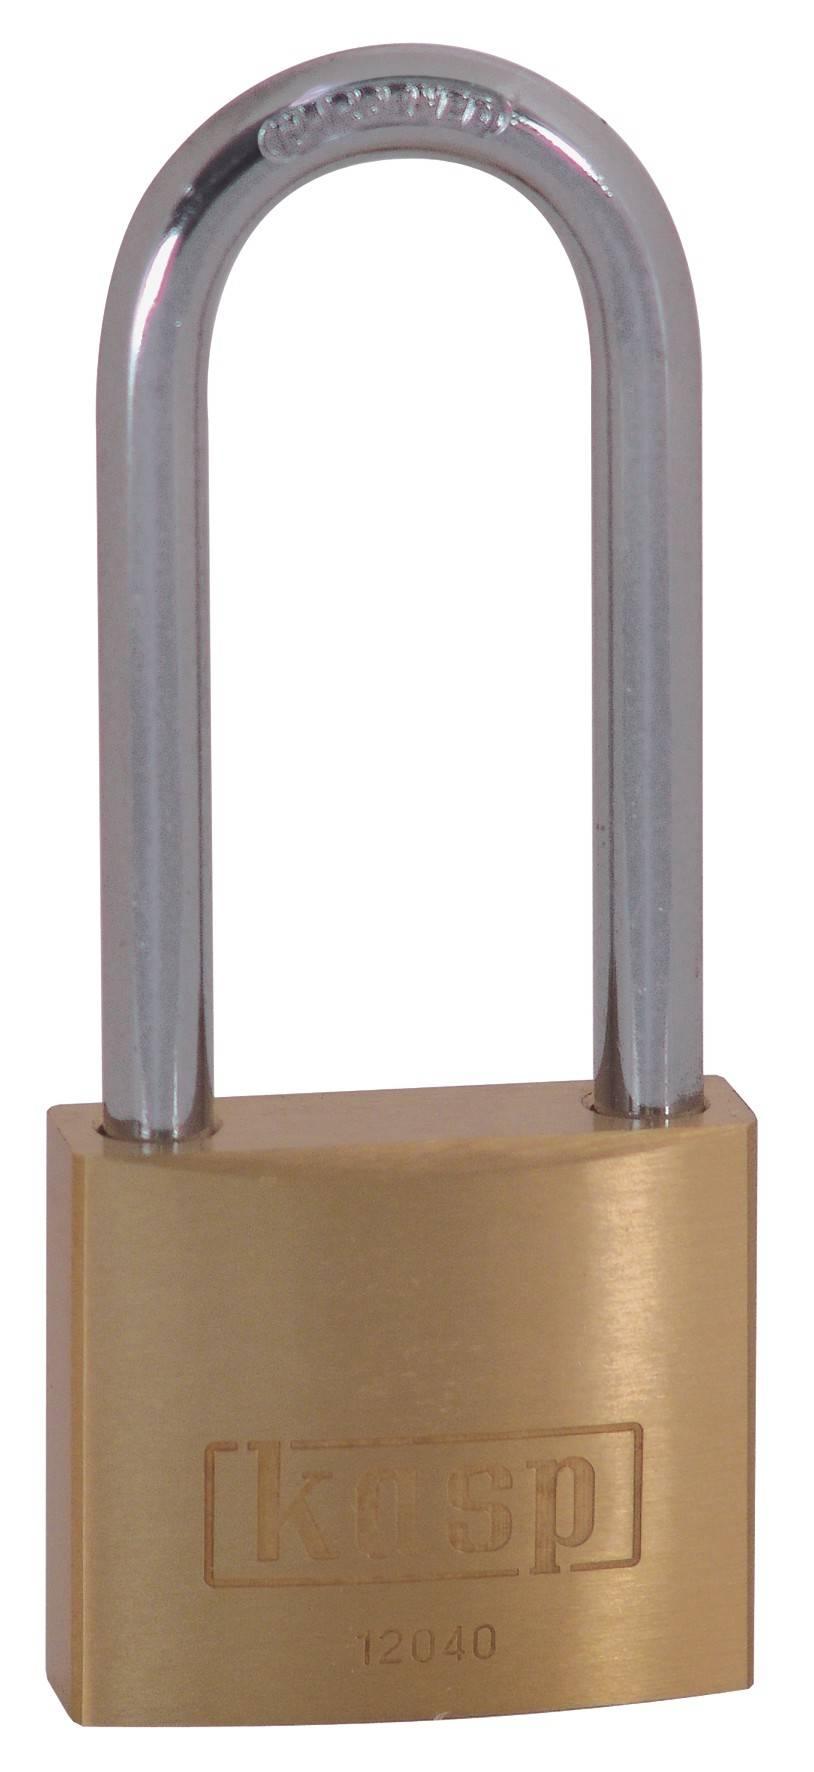 Visiaci zámok na kľúč Kasp K12040L55A1, 40 mm, zlatožltá